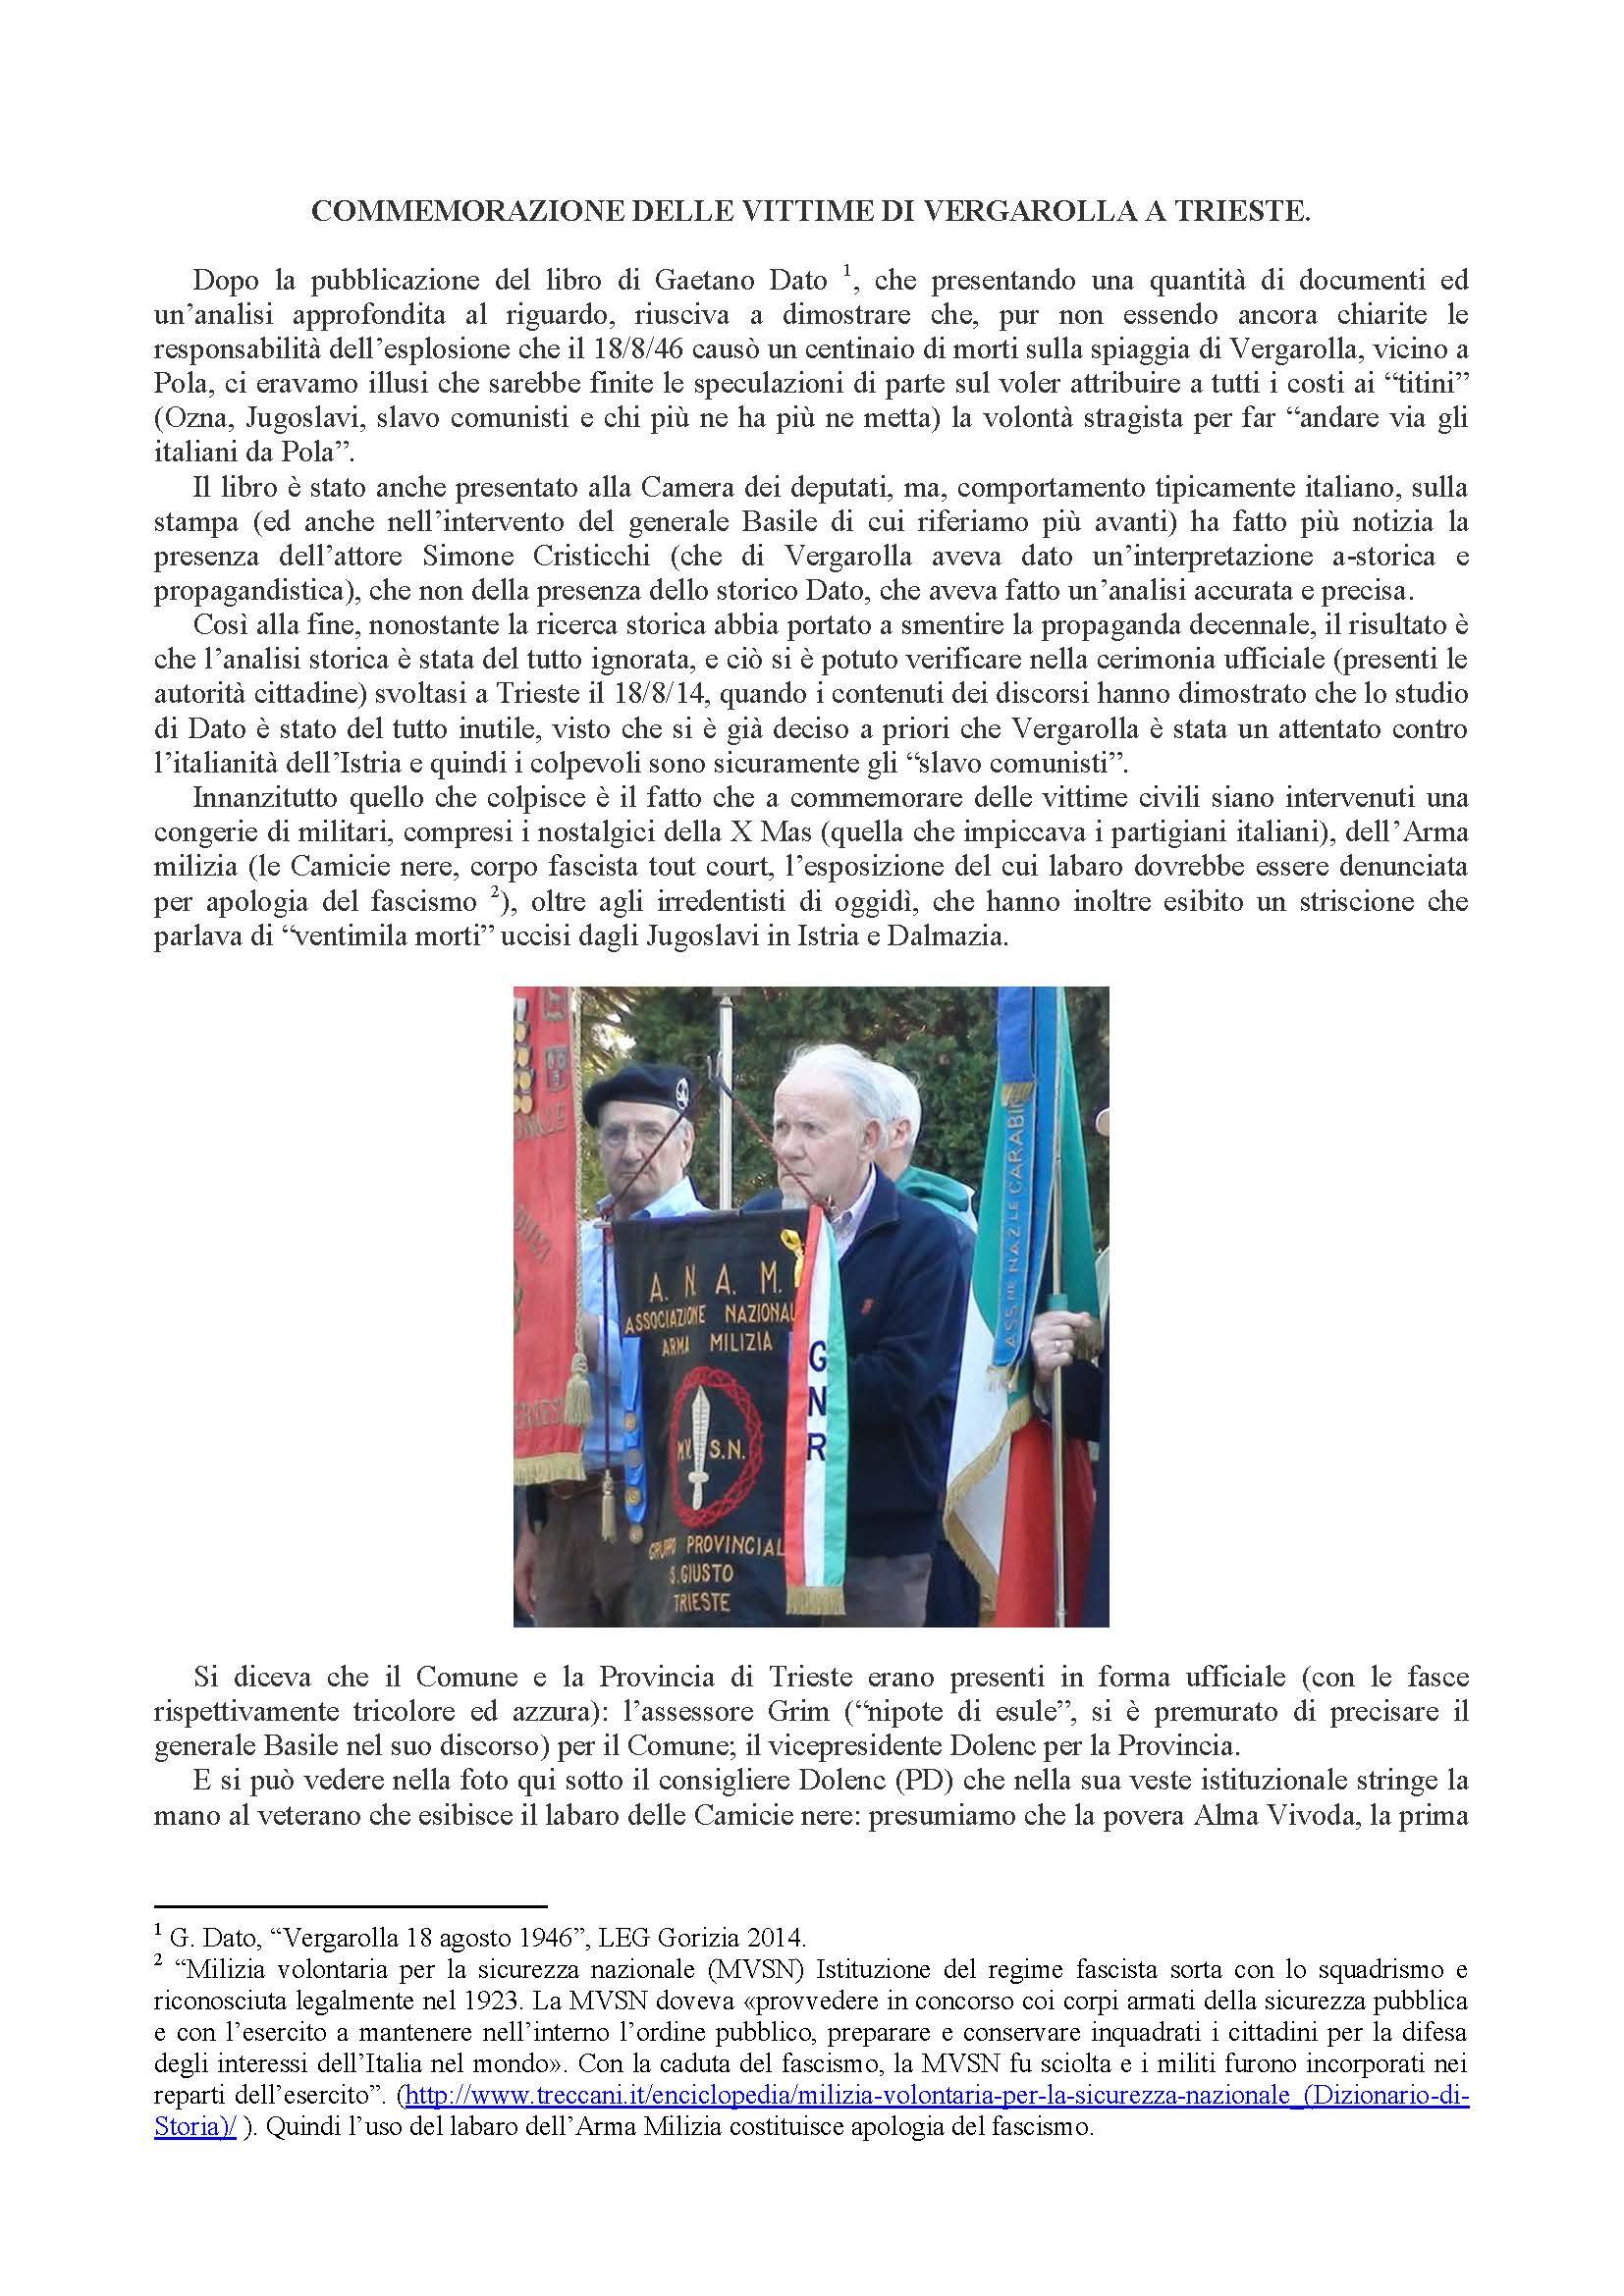 Commemorazione-delle-vittime-di-Vergarolla-a-Trieste-2014._Page_1